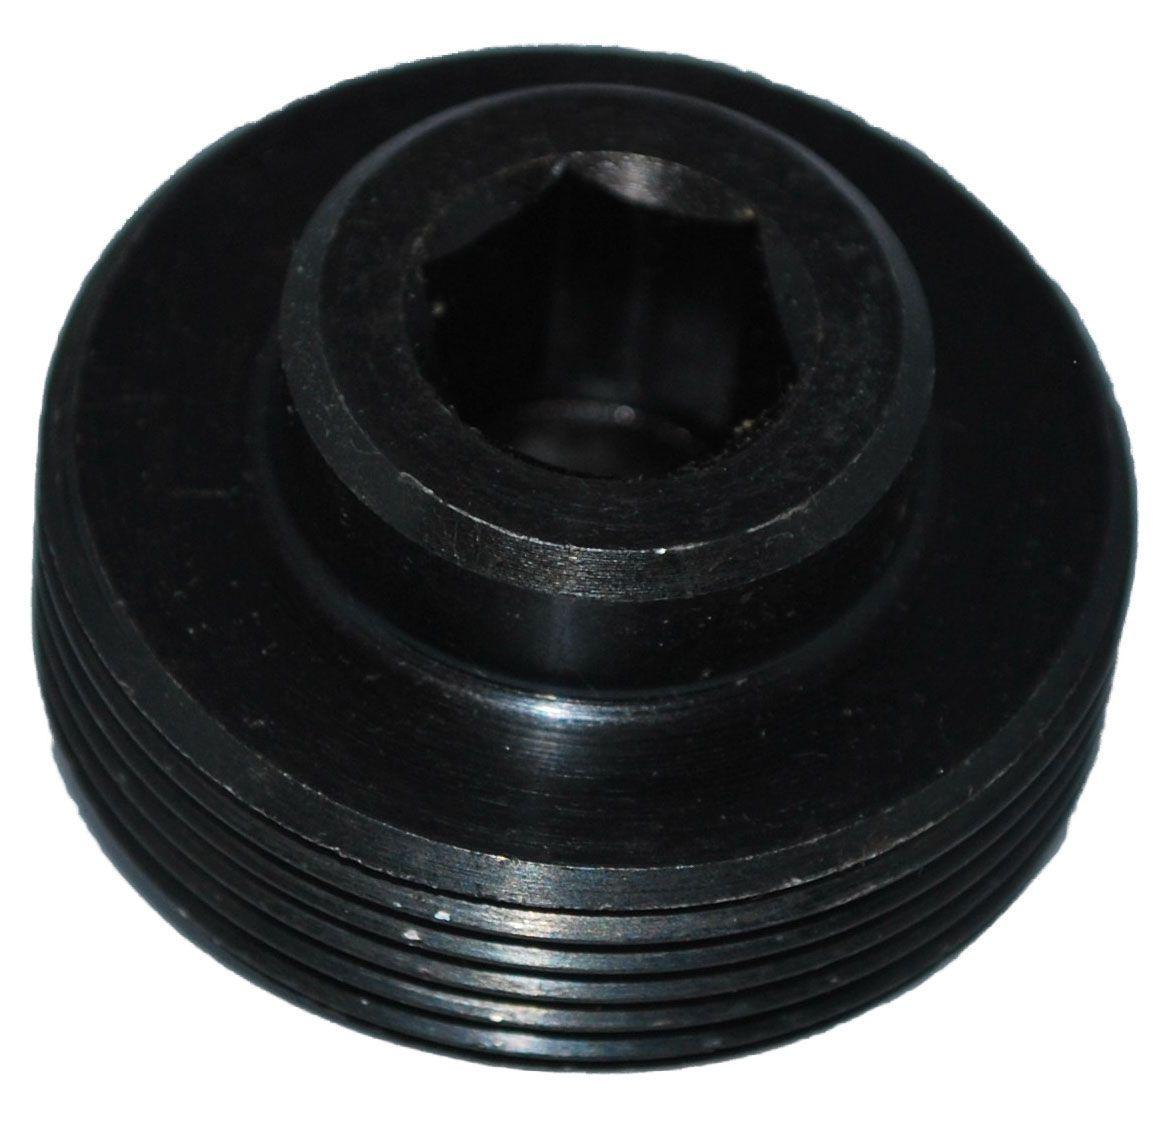 von arx 34 series locking screw